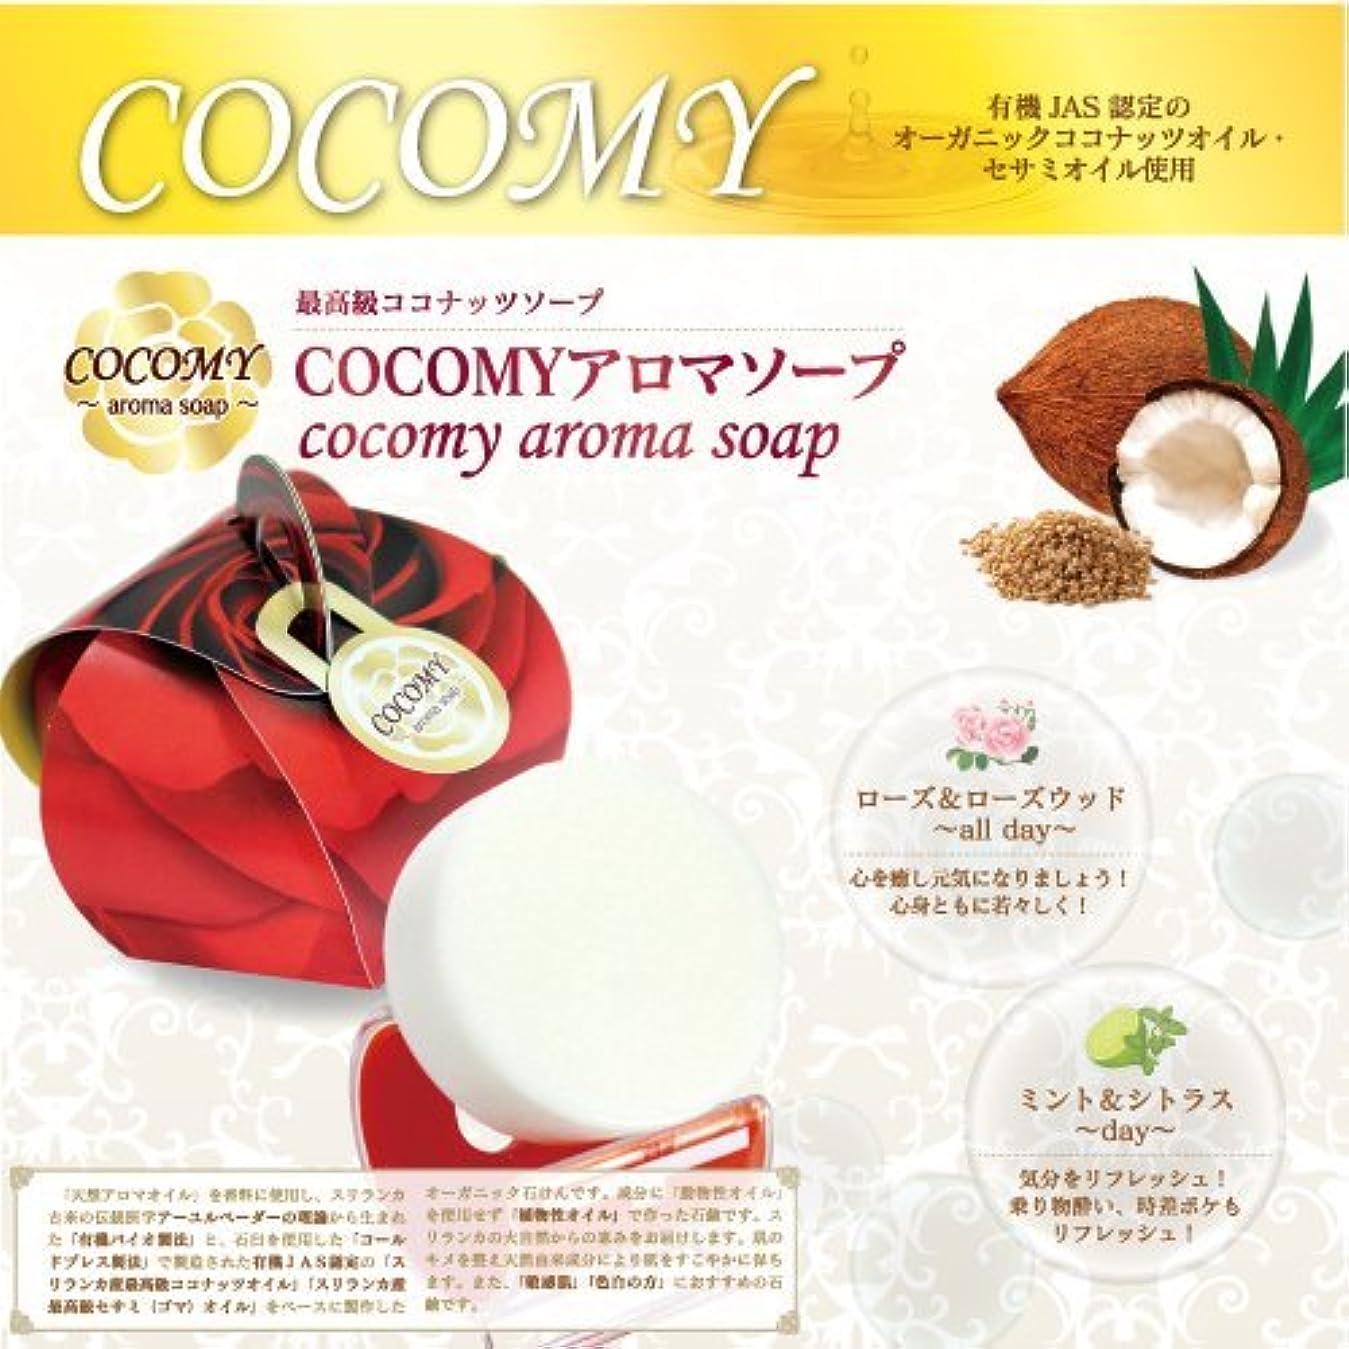 地下鉄古代アロングCOCOMY aromaソープ 4個セット (ミント&シトラス)(ローズ&ローズウッド) 40g×各2